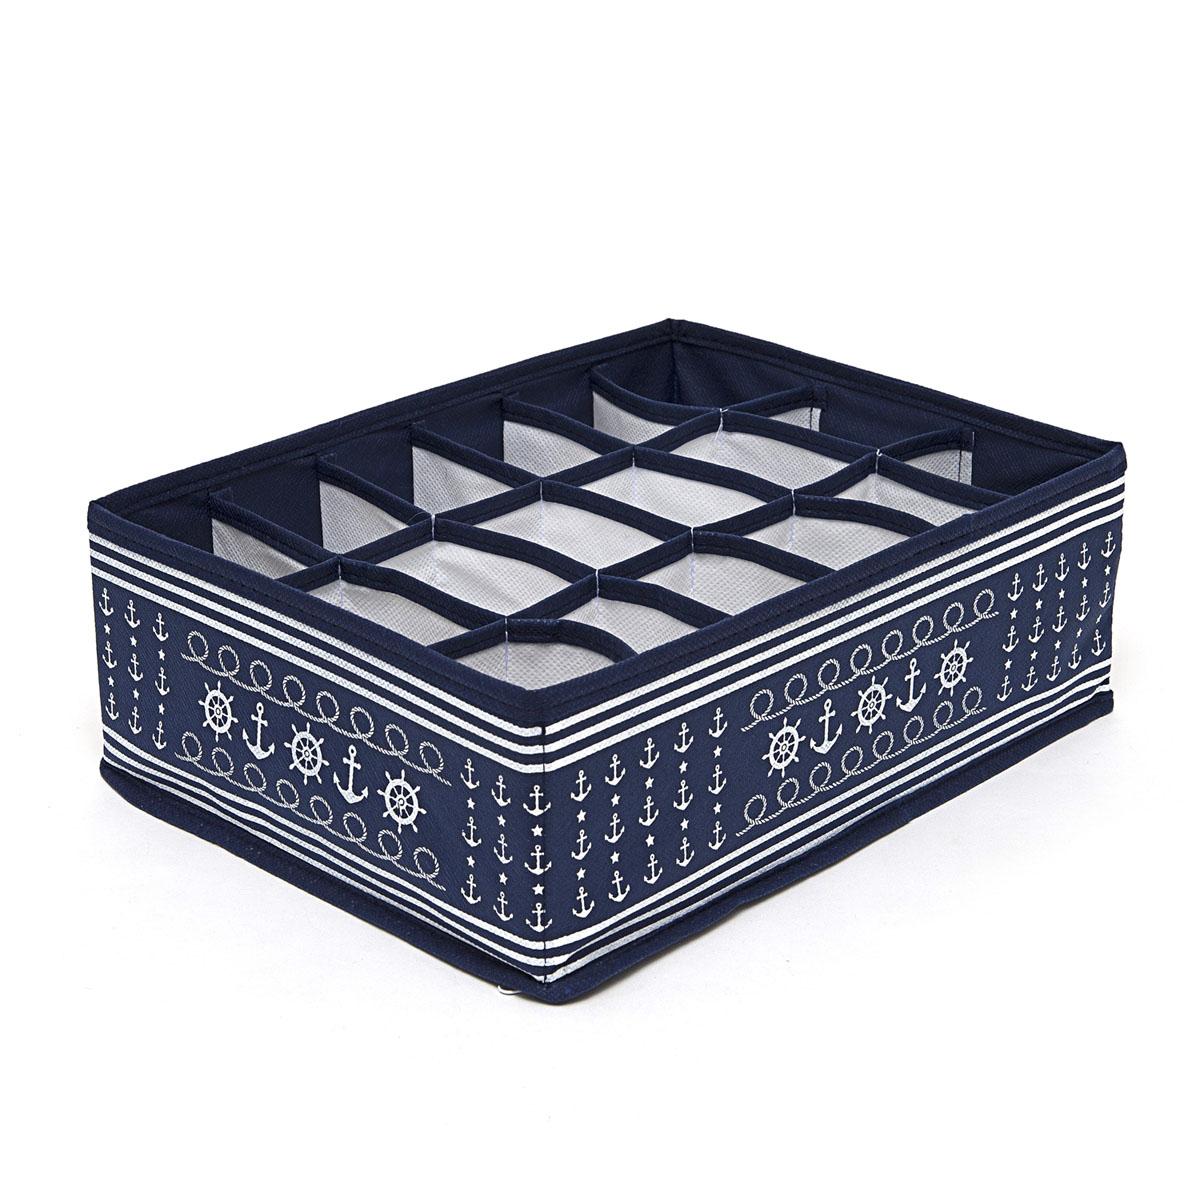 Органайзер для хранения вещей Homsu Ocean, 18 секций, 31 х 24 х 11 смHOM-220Компактный складной органайзер Homsu Ocean изготовлен из высококачественного полиэстера, который обеспечивает естественную вентиляцию. Материал позволяет воздуху свободно проникать внутрь, но не пропускает пыль. Органайзер отлично держит форму, благодаря вставкам из плотного картона. Изделие имеет 18 квадратных секций для хранения нижнего белья, колготок, носков и другой одежды.Такой органайзер позволит вам хранить вещи компактно и удобно.